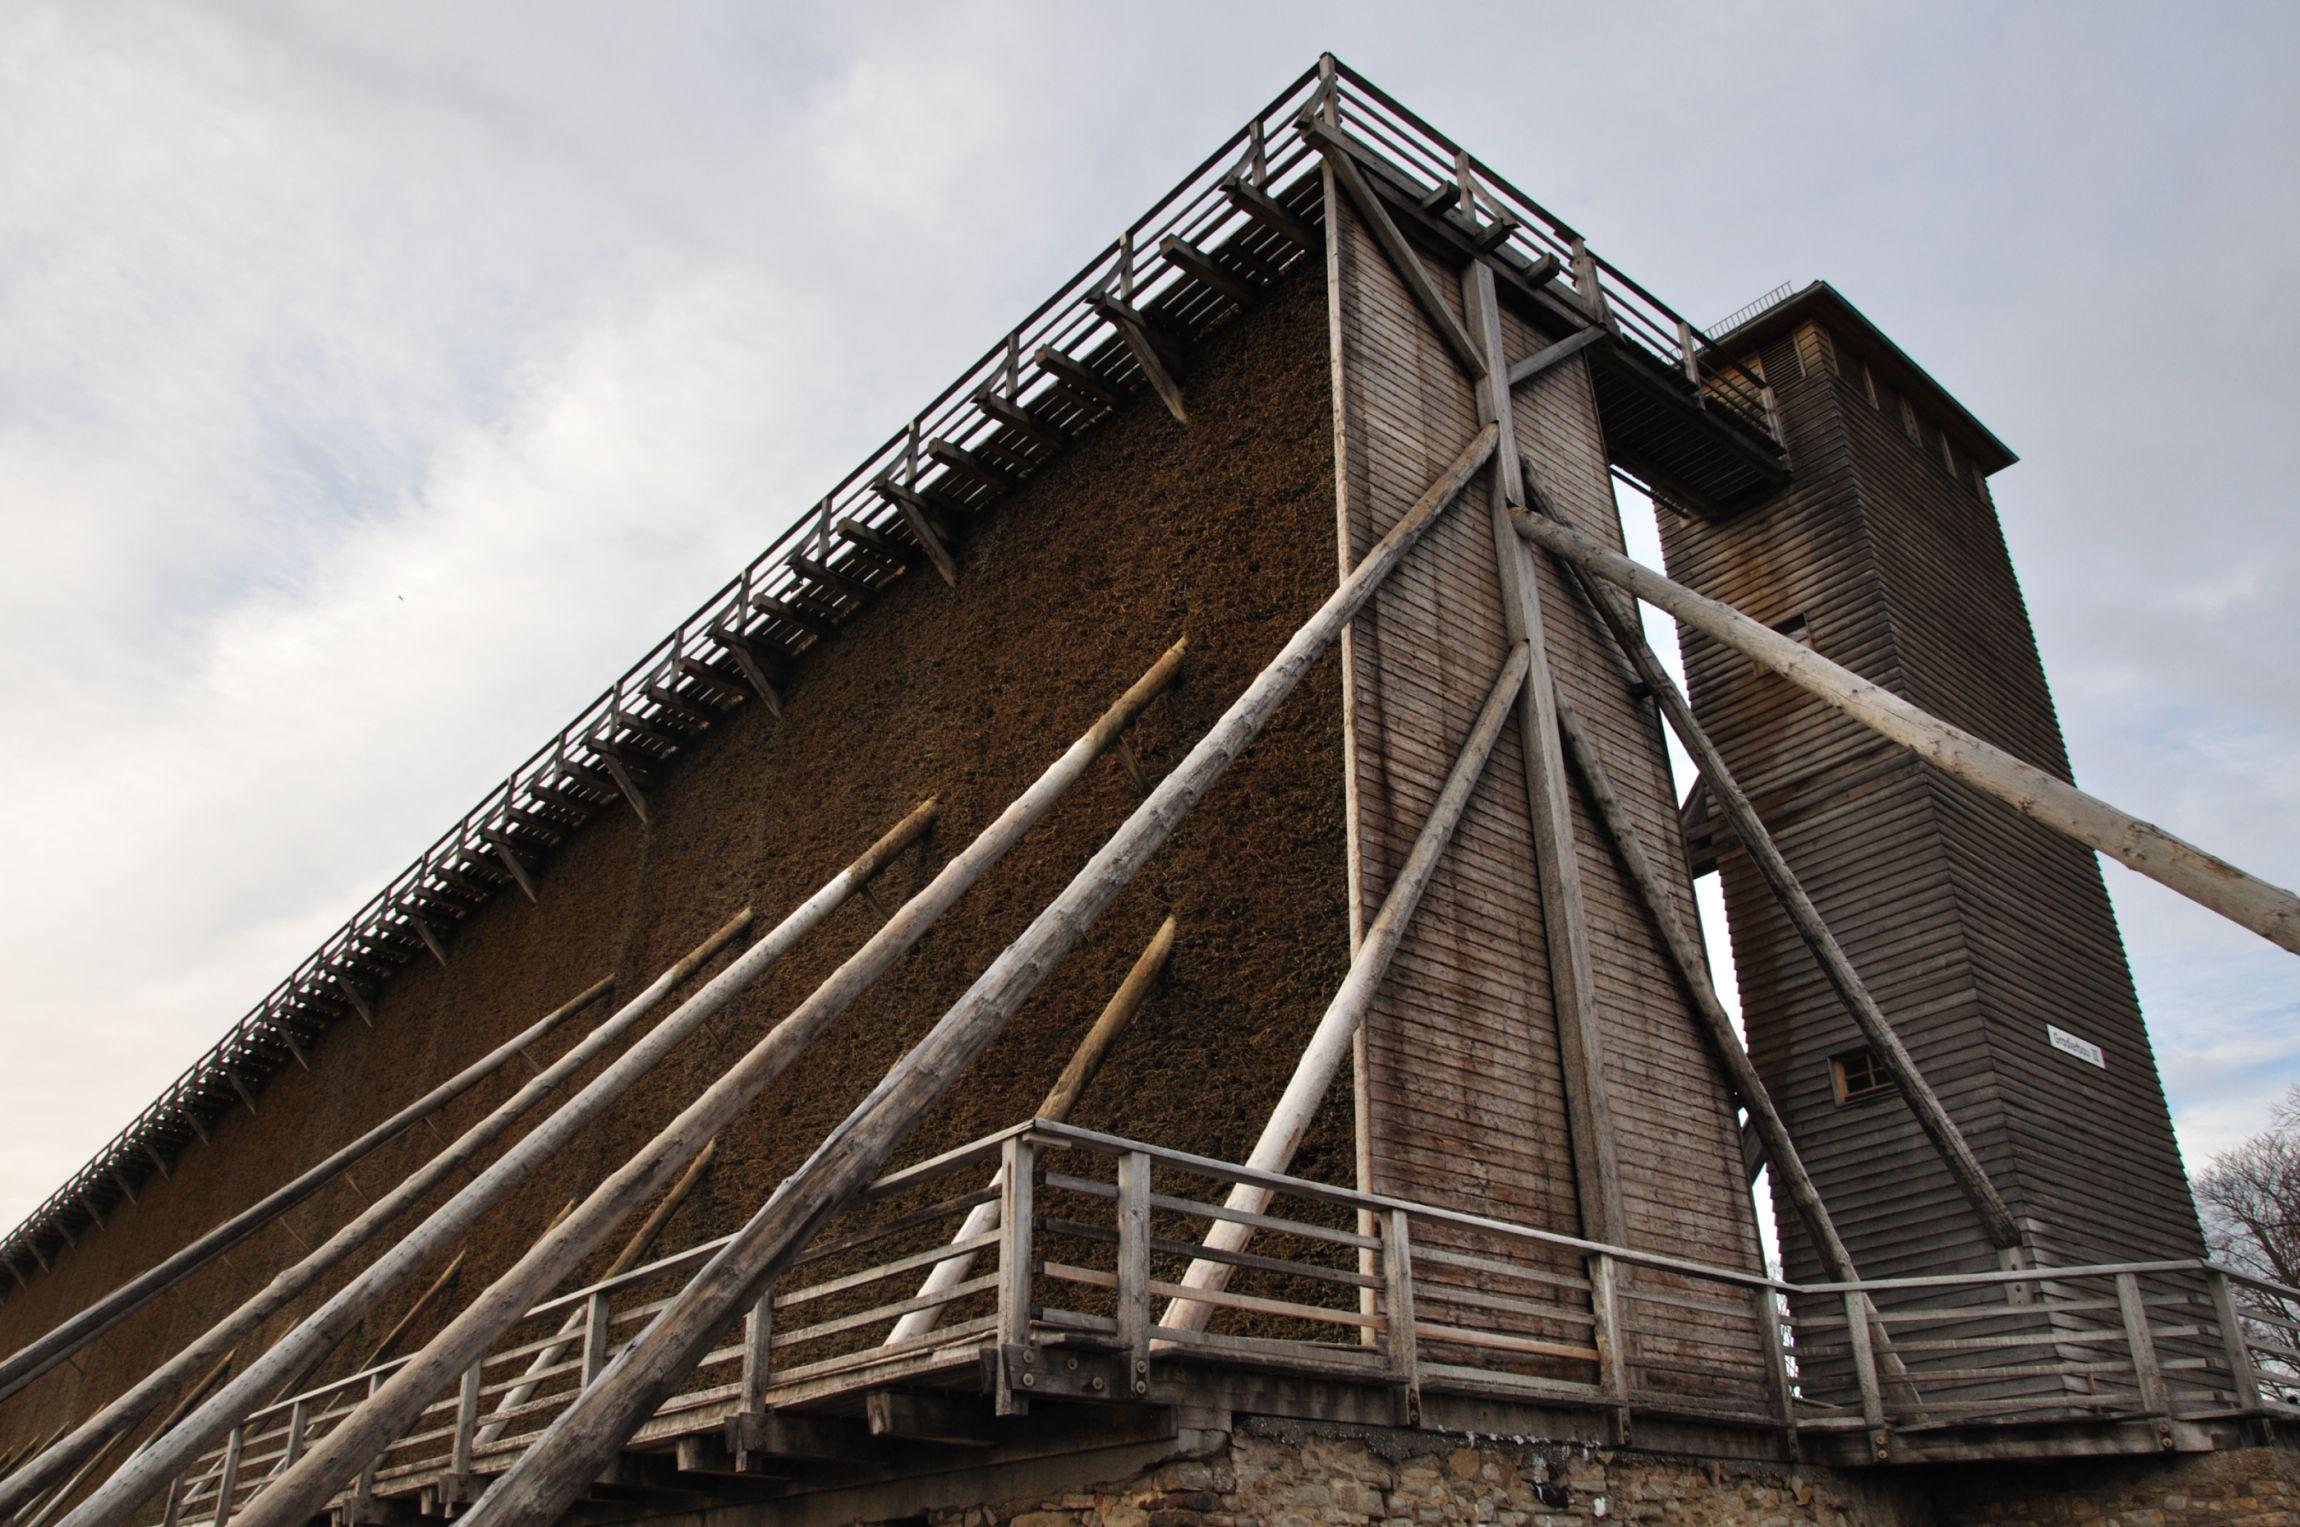 Gradierwerke, bis zu 10 Meter hohe Wände aus aufgeschichtetem Schwarzdorn, mit markanten, parallel verlaufenden Stützstreben